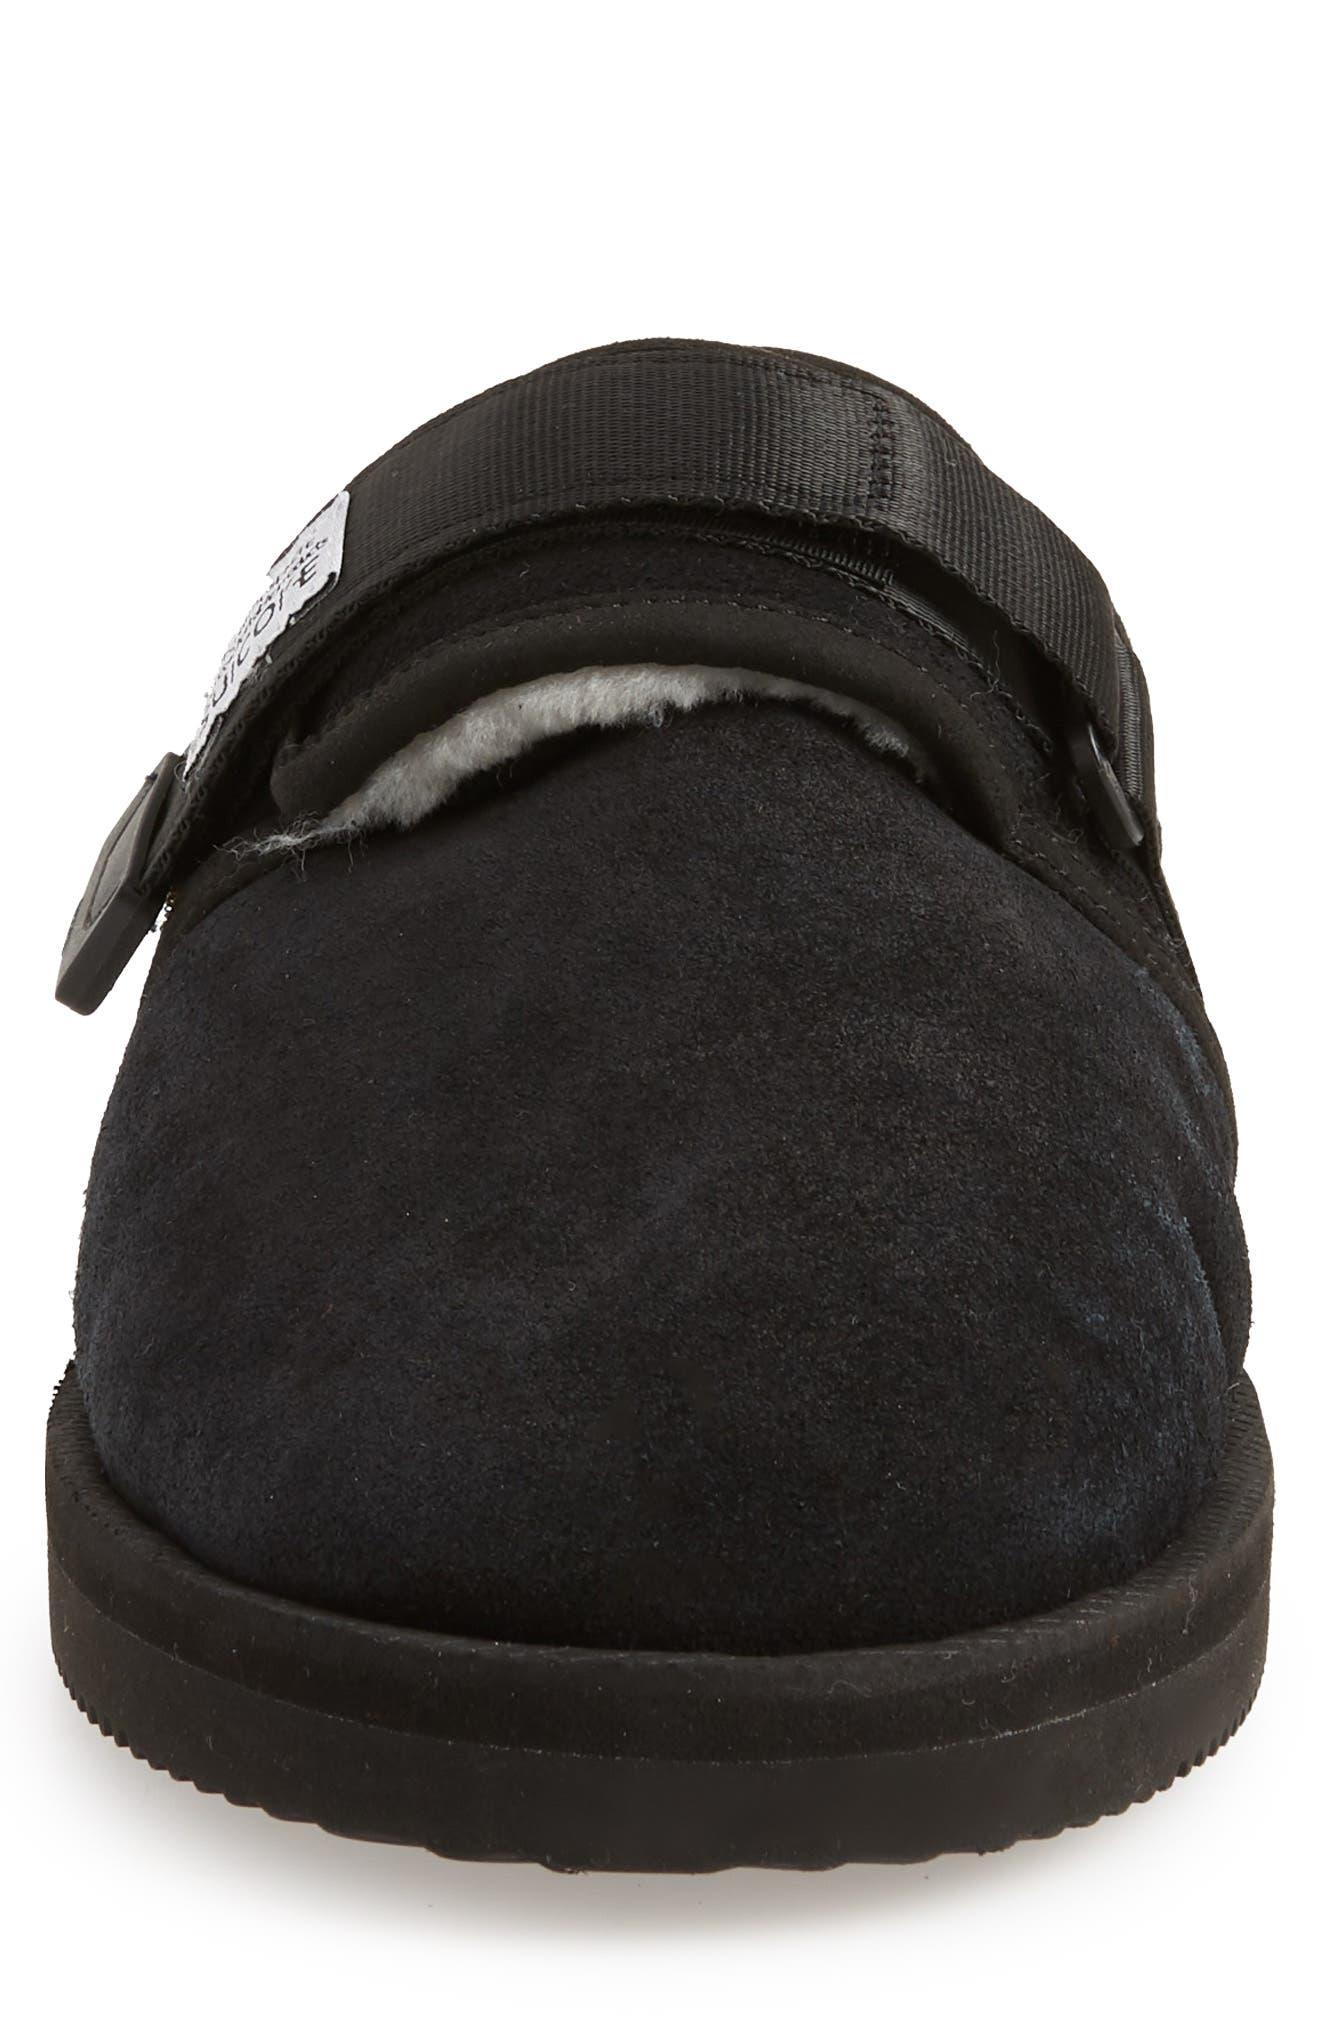 Zavo Genuine Shearling Slipper,                             Alternate thumbnail 4, color,                             BLACK